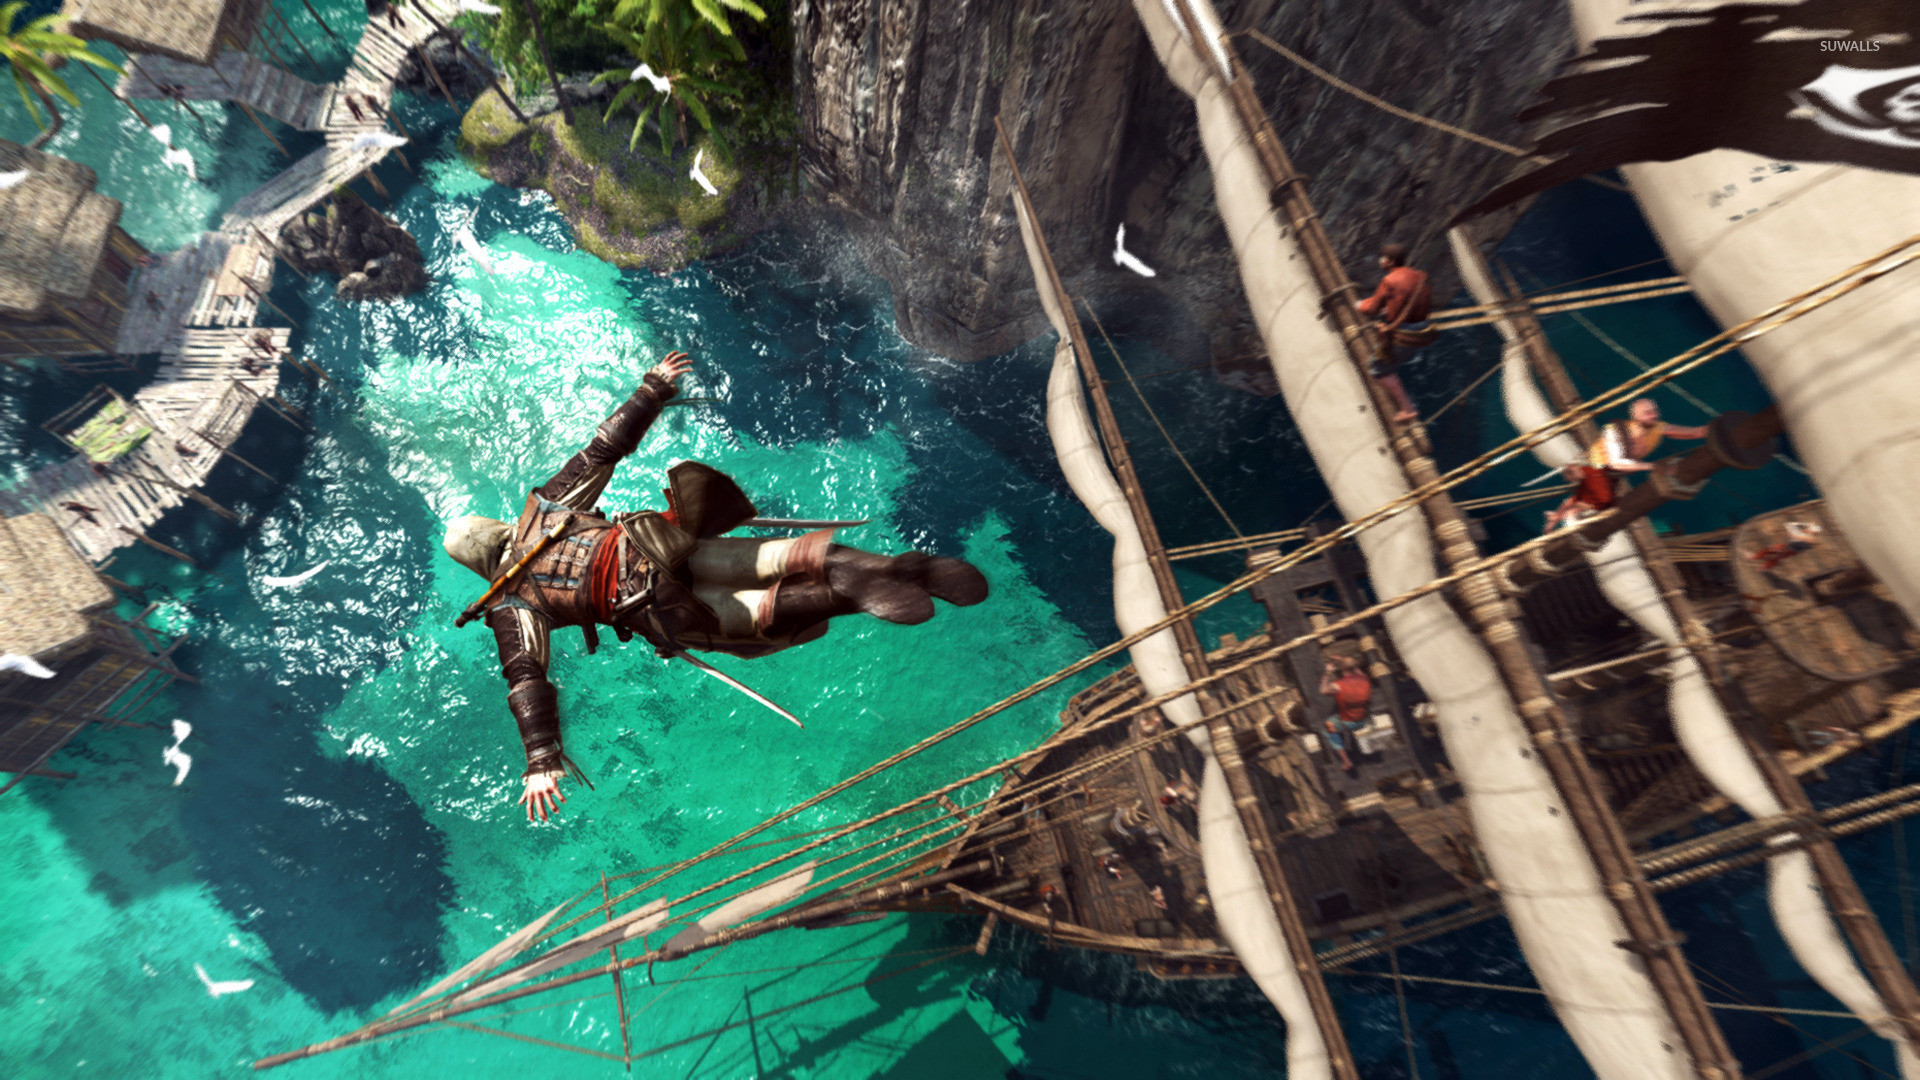 Assassins Creed IV Black Flag HD desktop wallpaper Widescreen | Wallpapers  4k | Pinterest | Assassins creed black flag, Assassins creed and Wallpaper